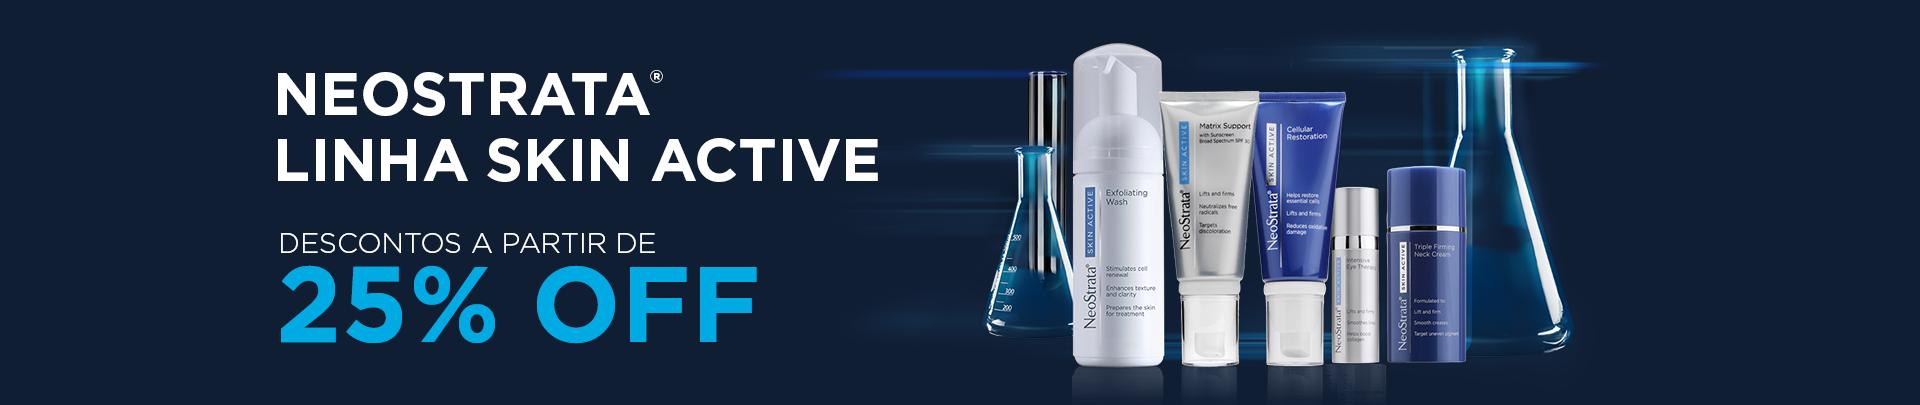 Neostrata Skin Active